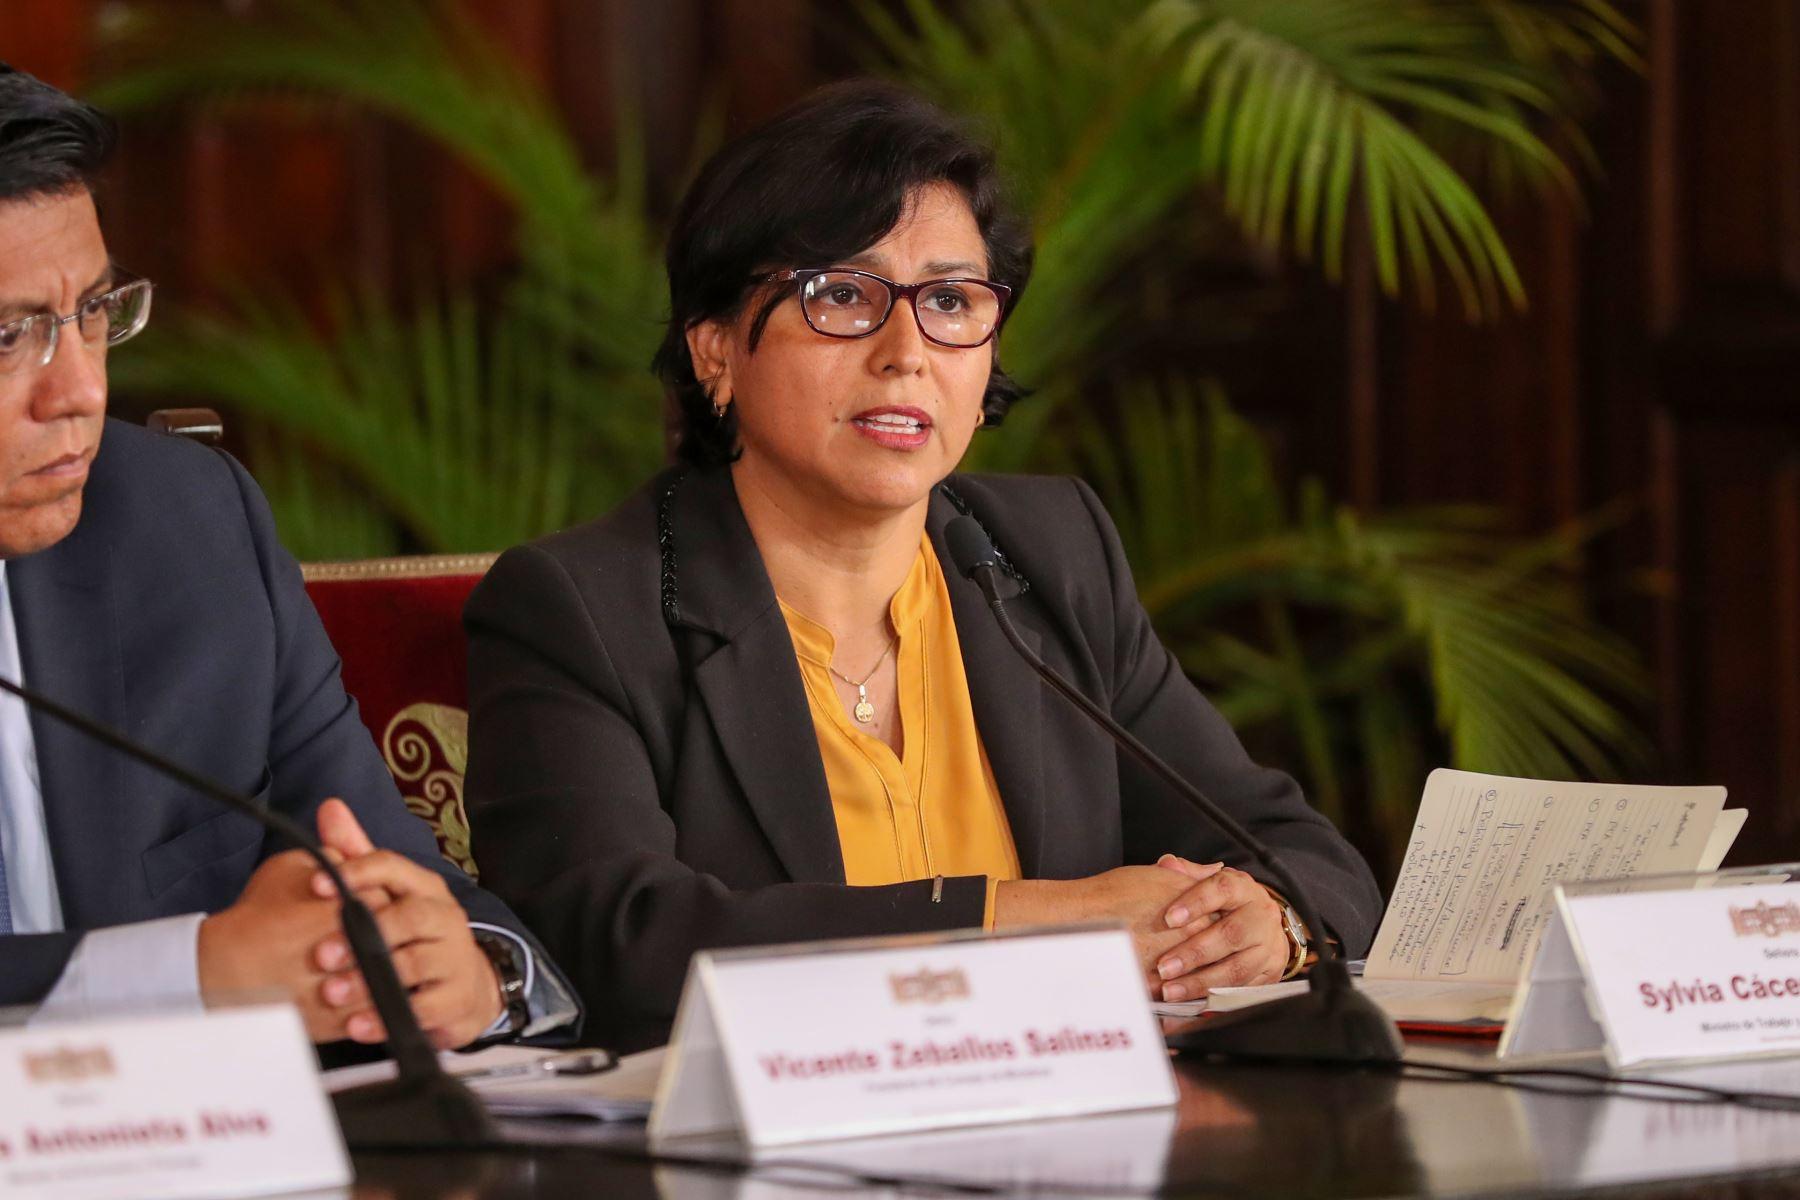 La ministra de Trabajo y Promoción del Empleo, Sylvia Cáceres, afirmó que la prioridad del Gobierno es garantizar la salud frente al coronavirus. ANDINA/Prensa Presidencia